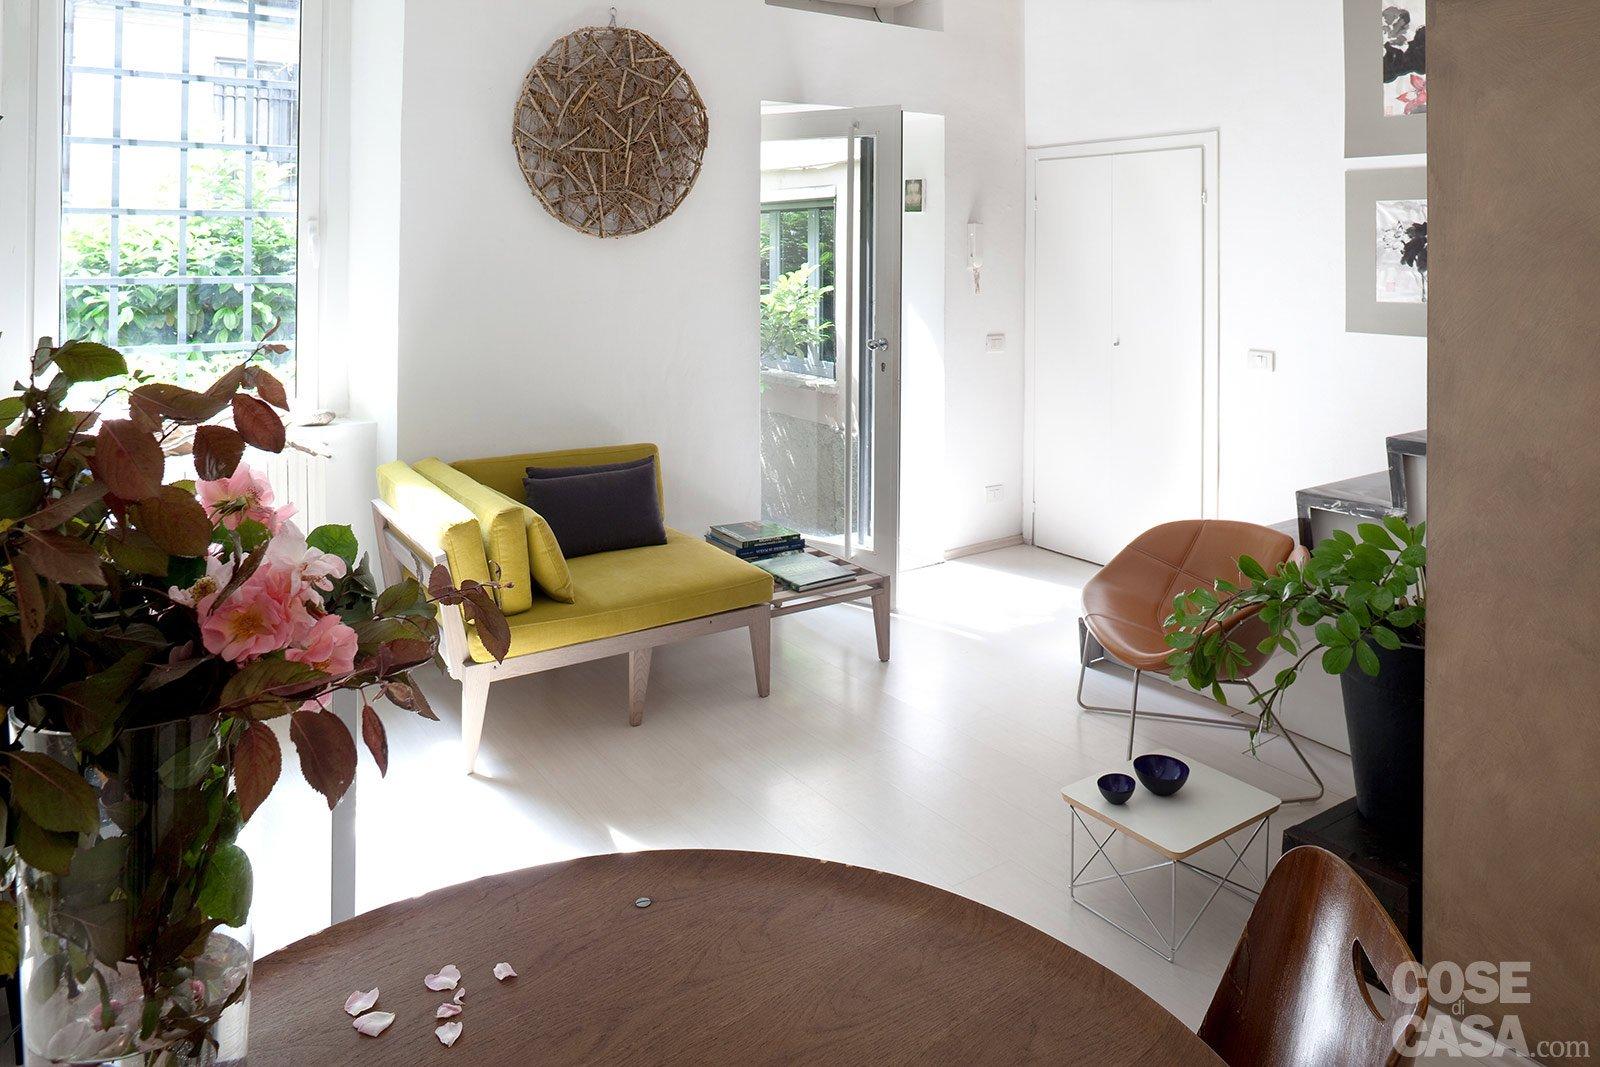 Monolocale una casa di 30 mq risolta al centimetro cose for Quadri per appartamento